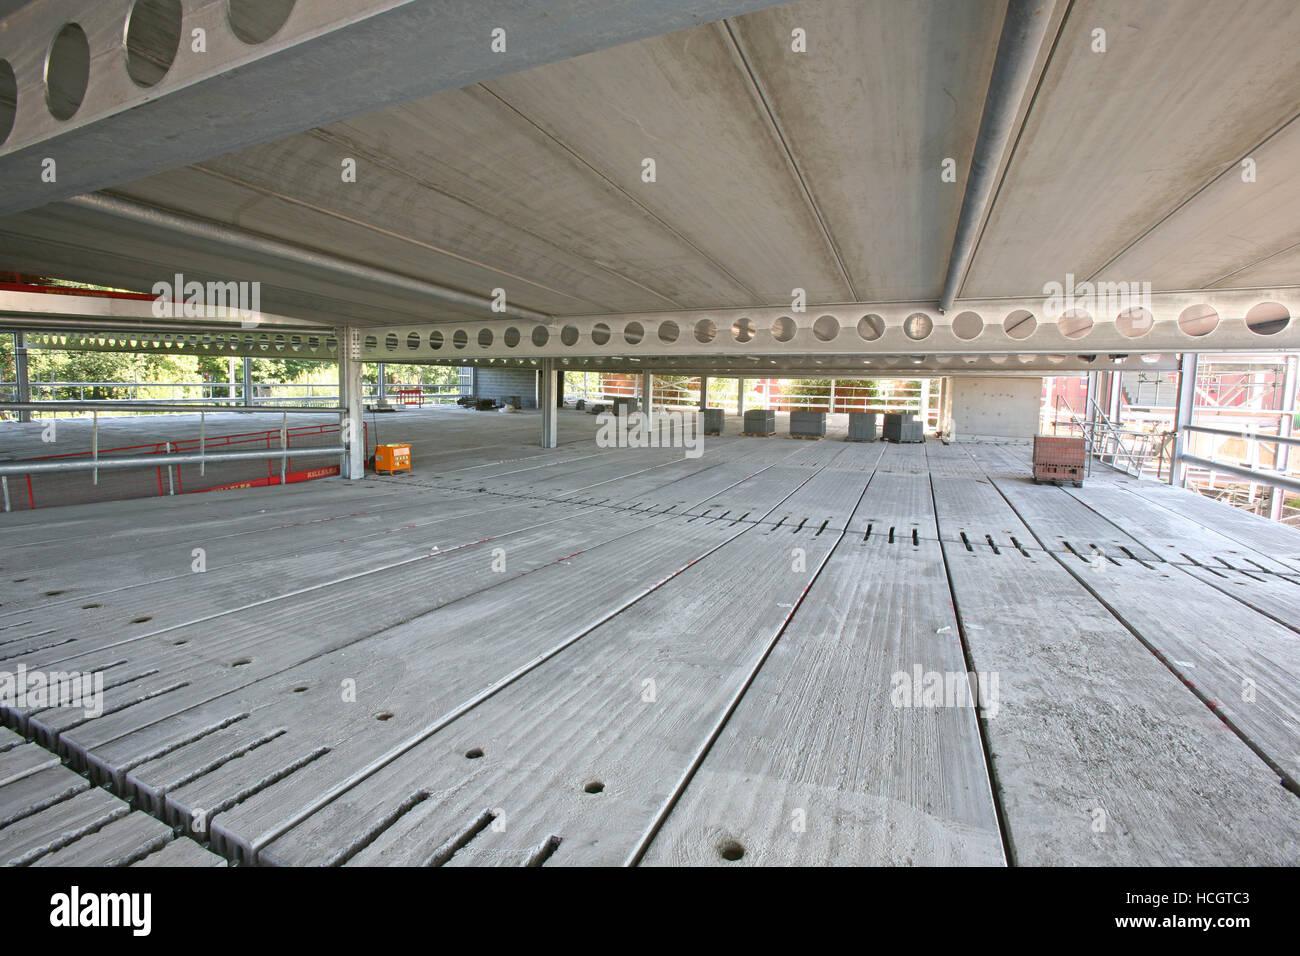 Precast Concrete Planks : Construction site pcc precast plank floor deck